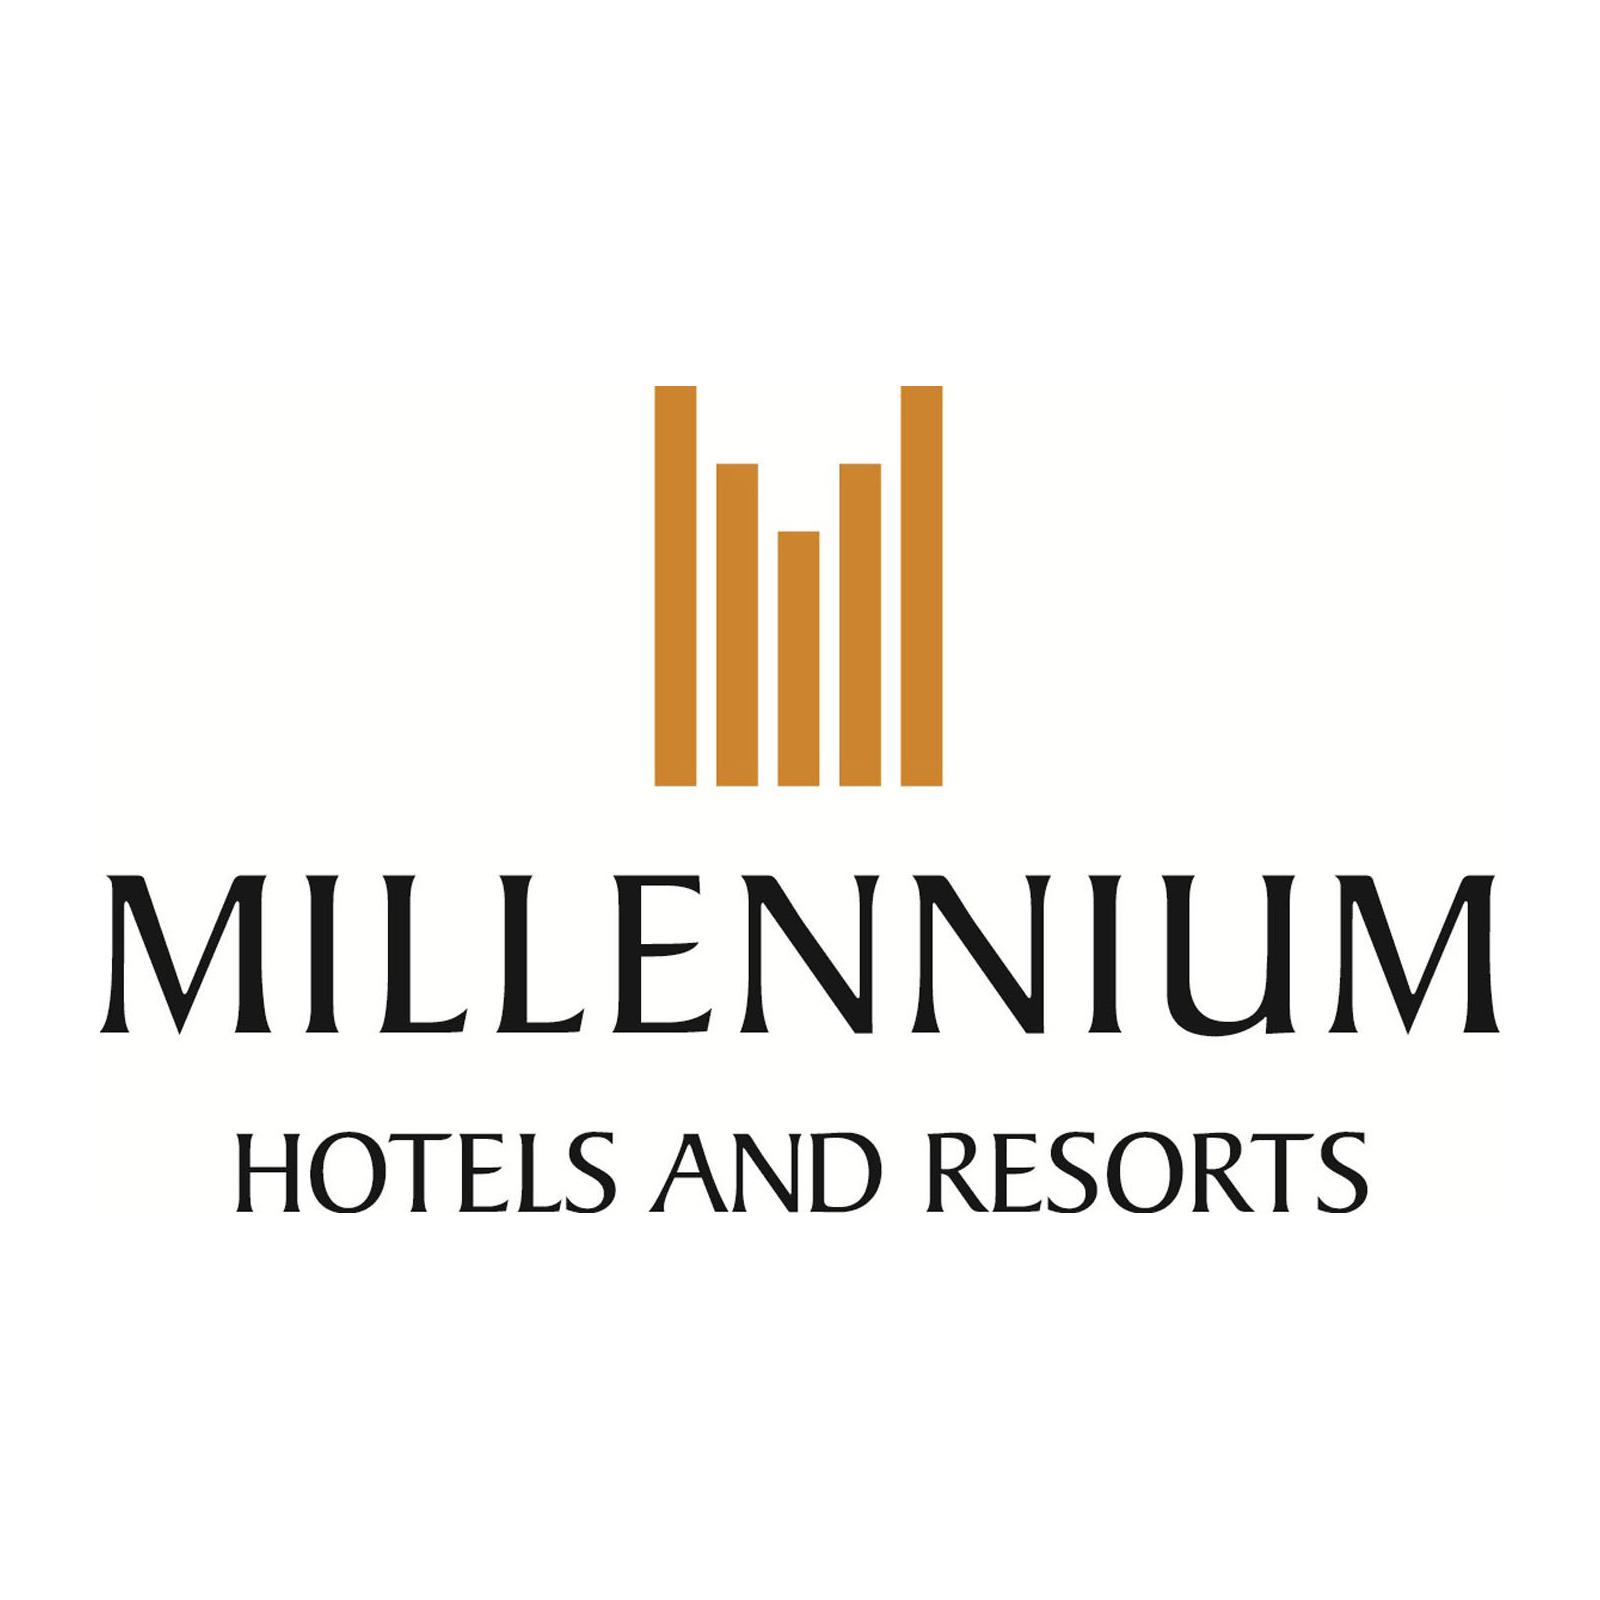 Millenium Hotel Minneapolis